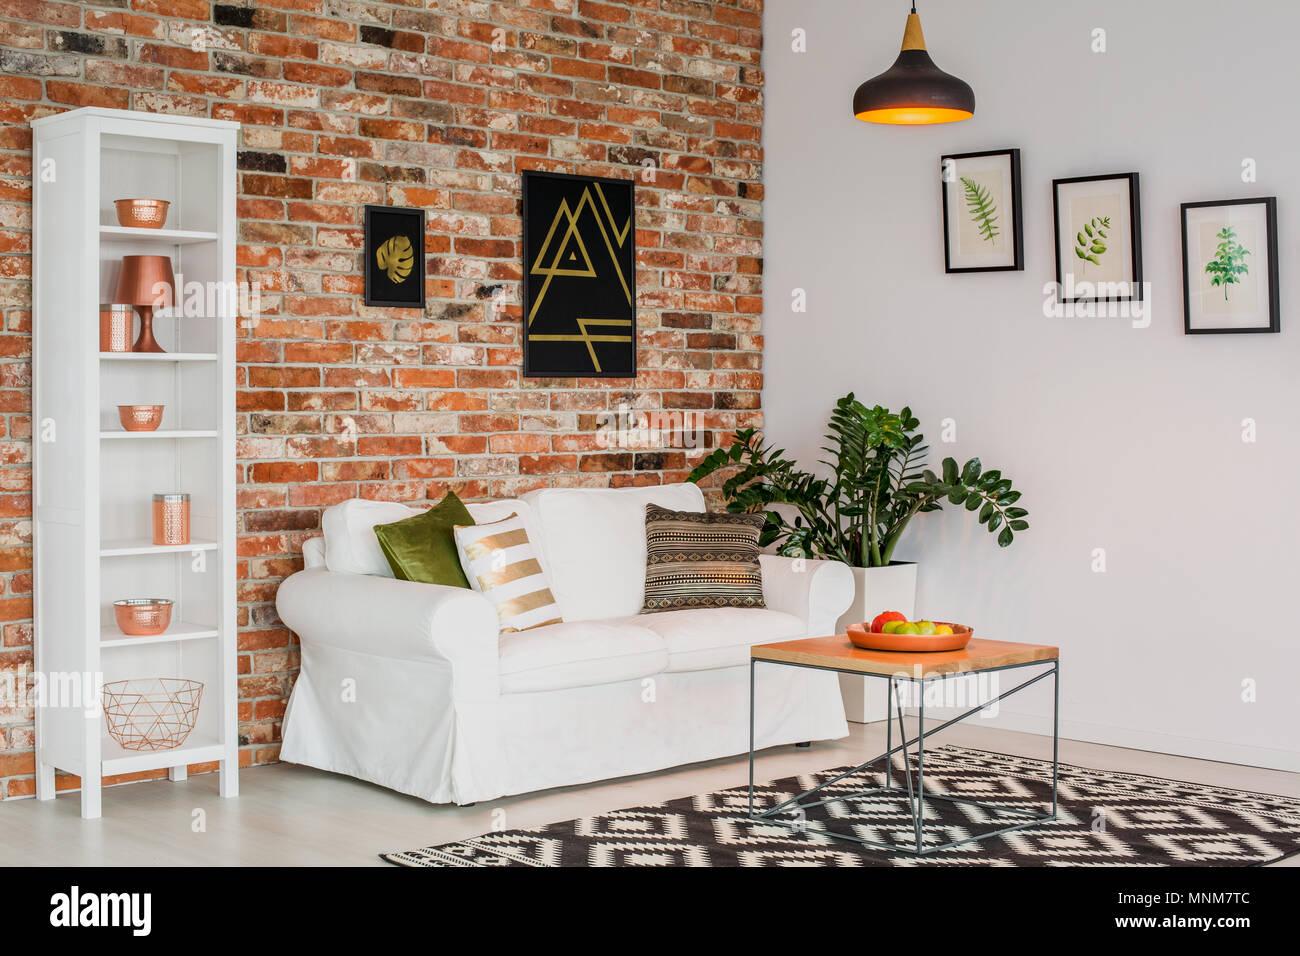 Einfaches Wohnzimmer mit weißen Möbeln, Wand und Teppich ...